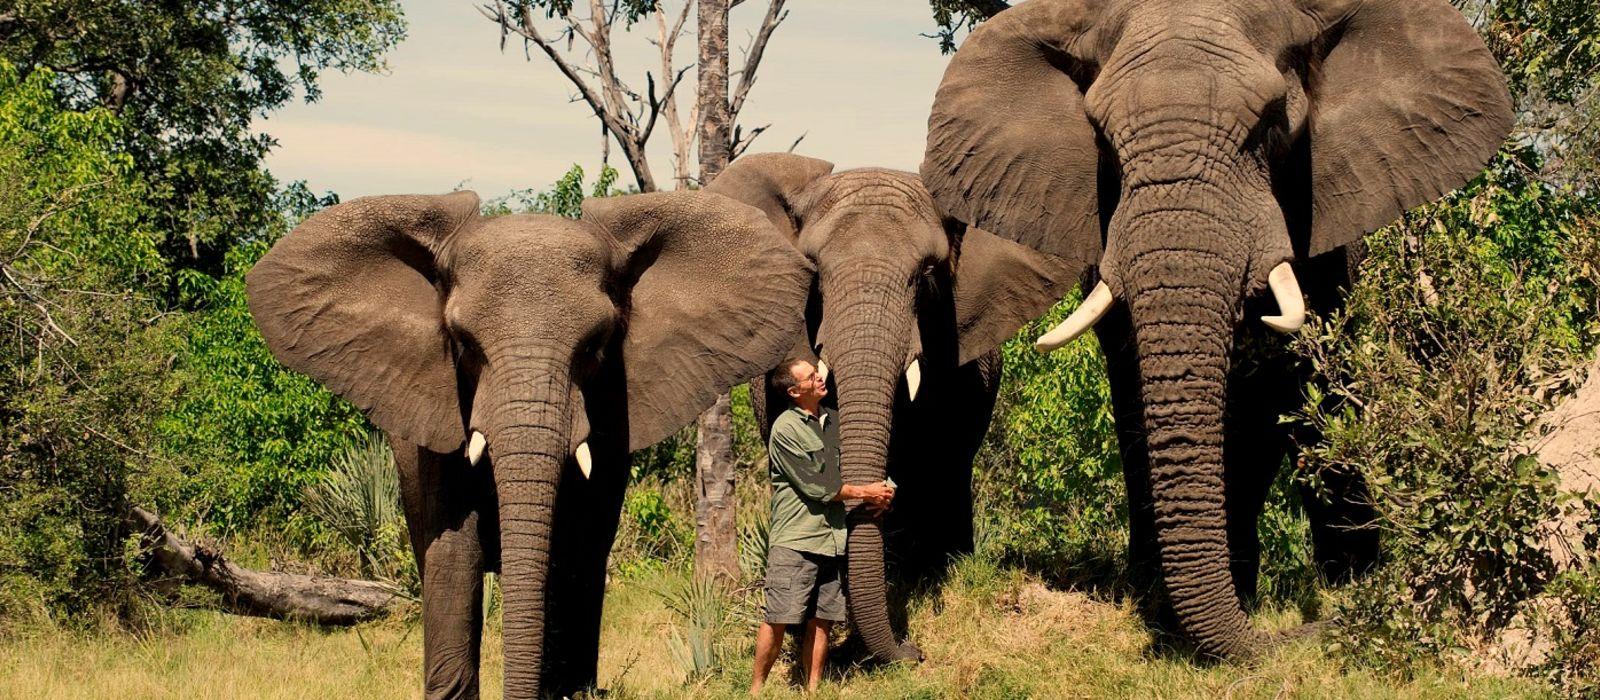 Klassische Safari Reise: Simbabwe & Botswana Urlaub 5